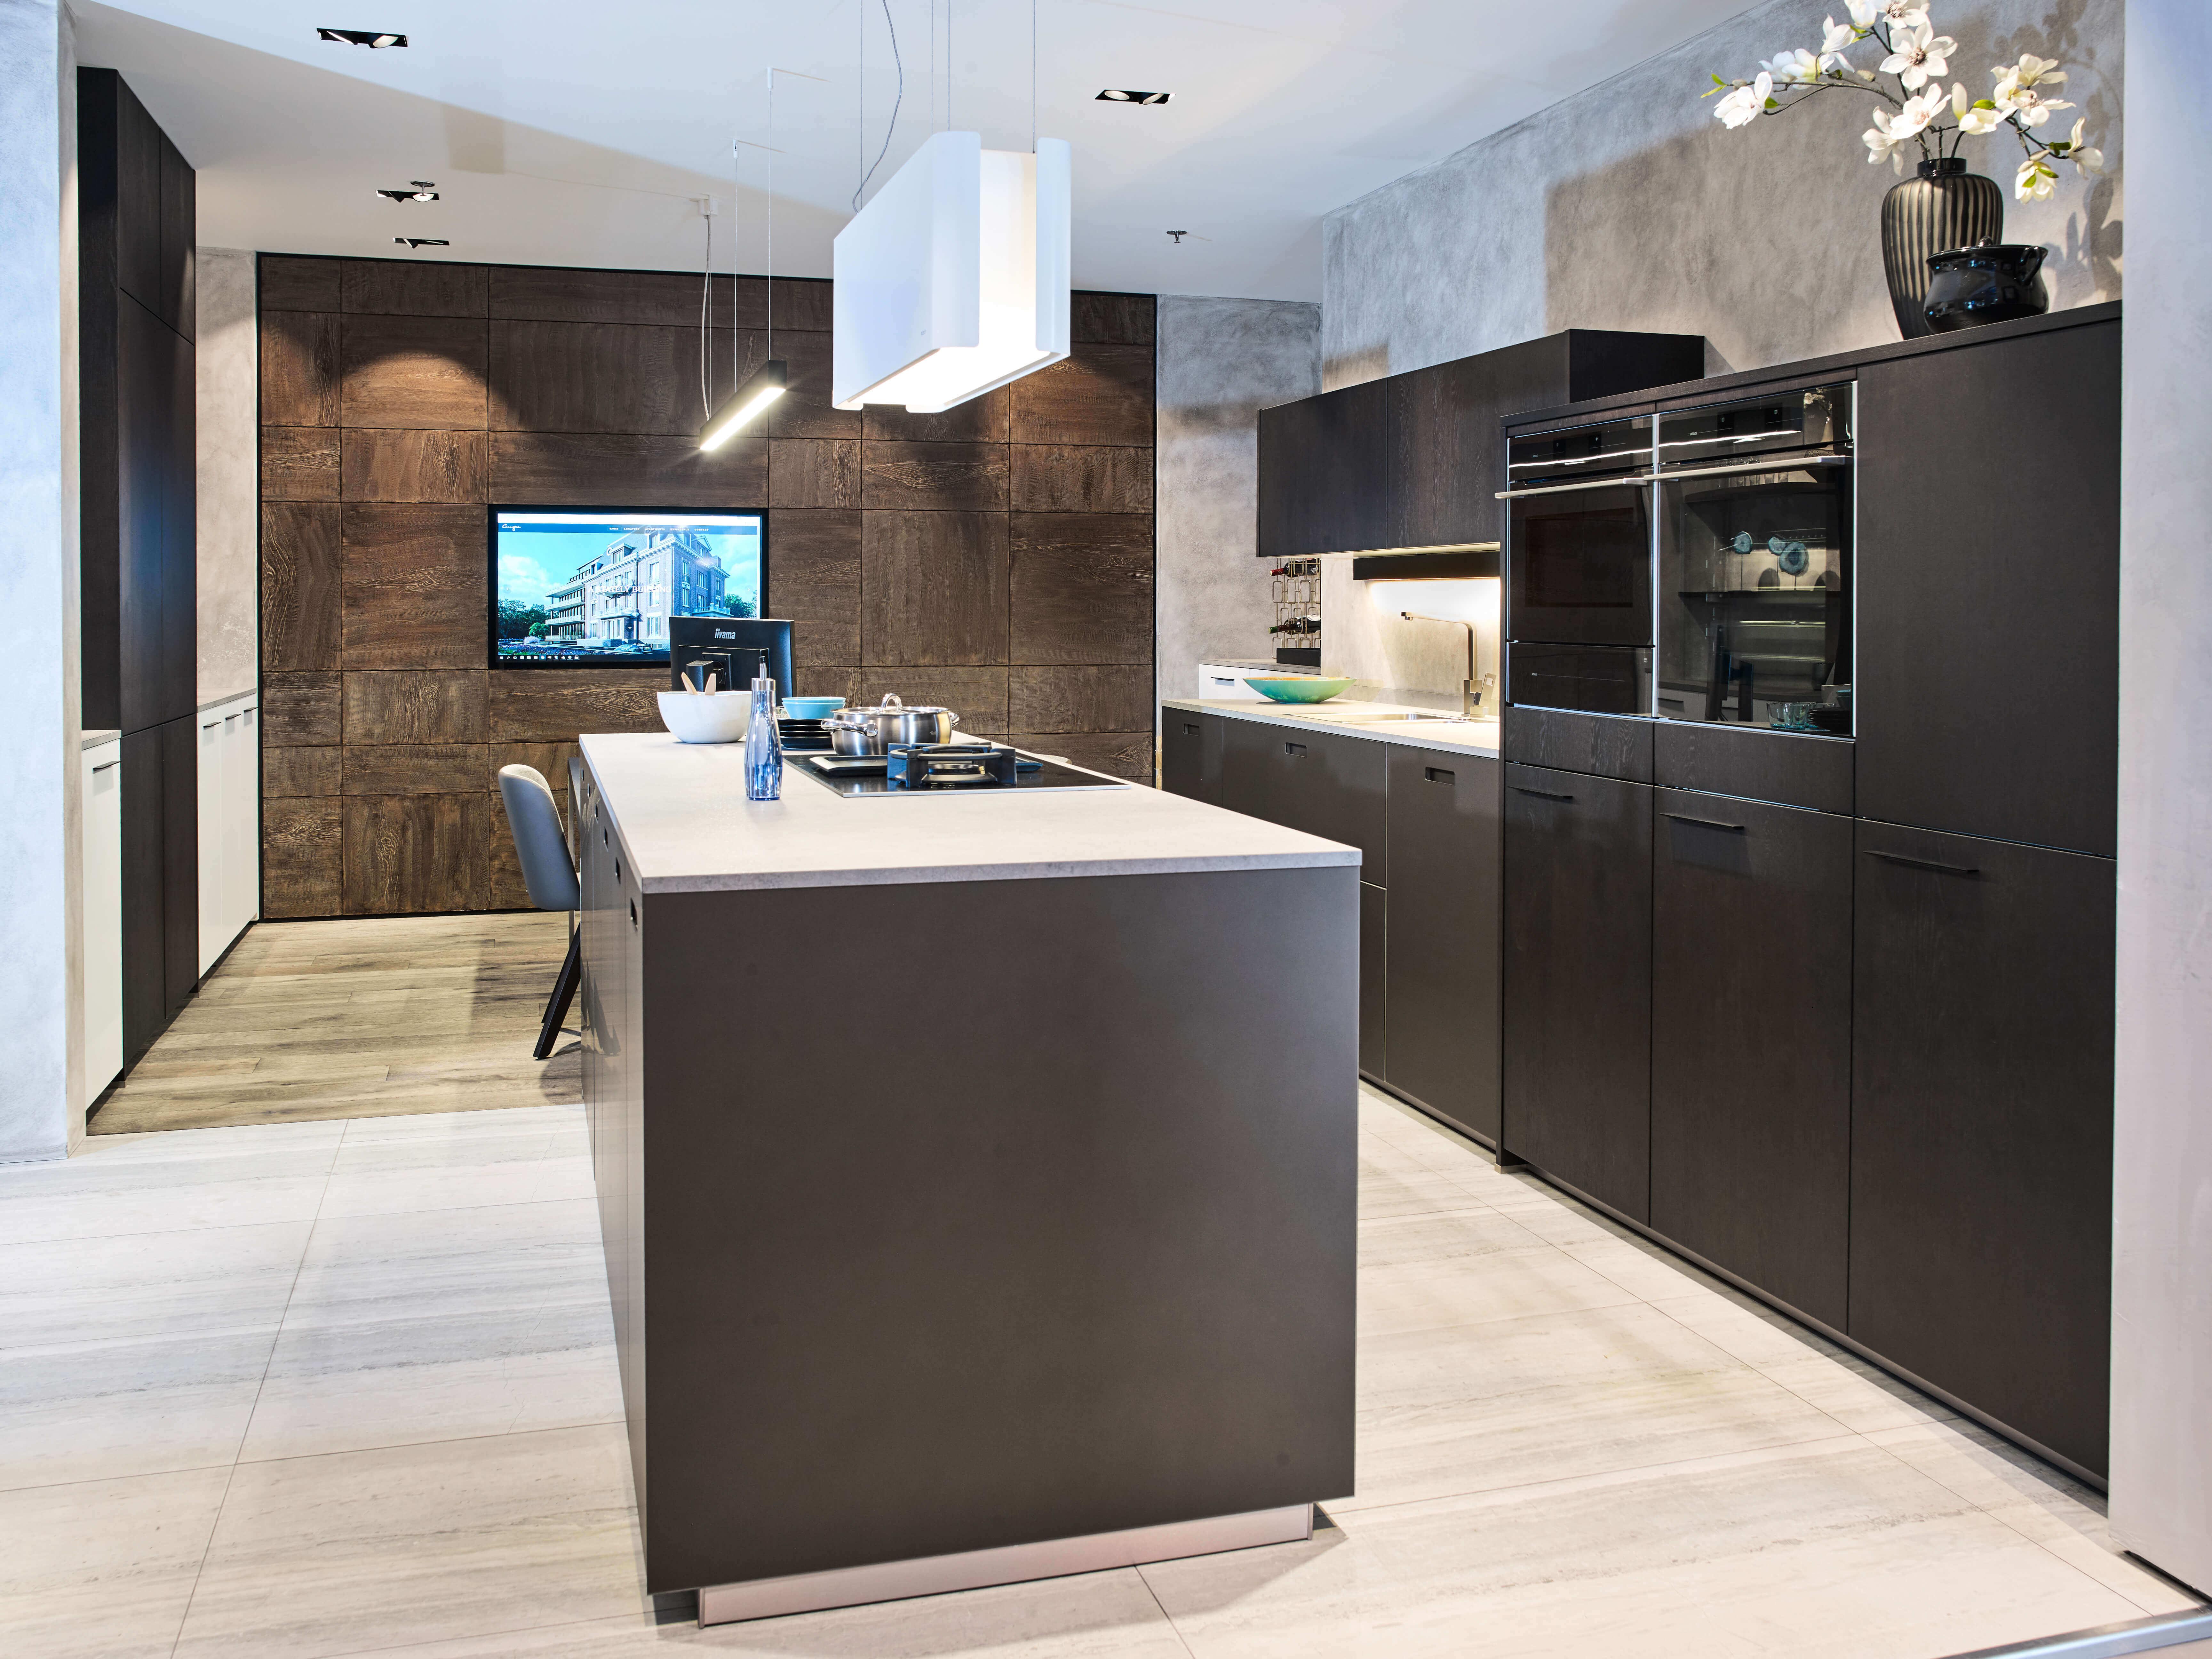 Mat zwarte keukens